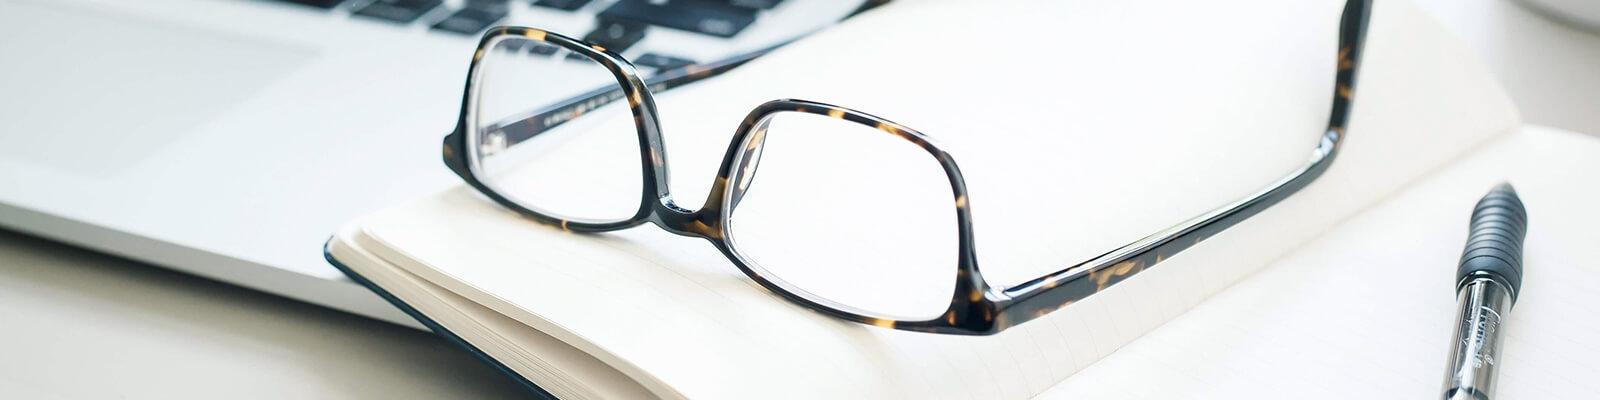 Notebook und Notizbuch mit Brille aufliegend